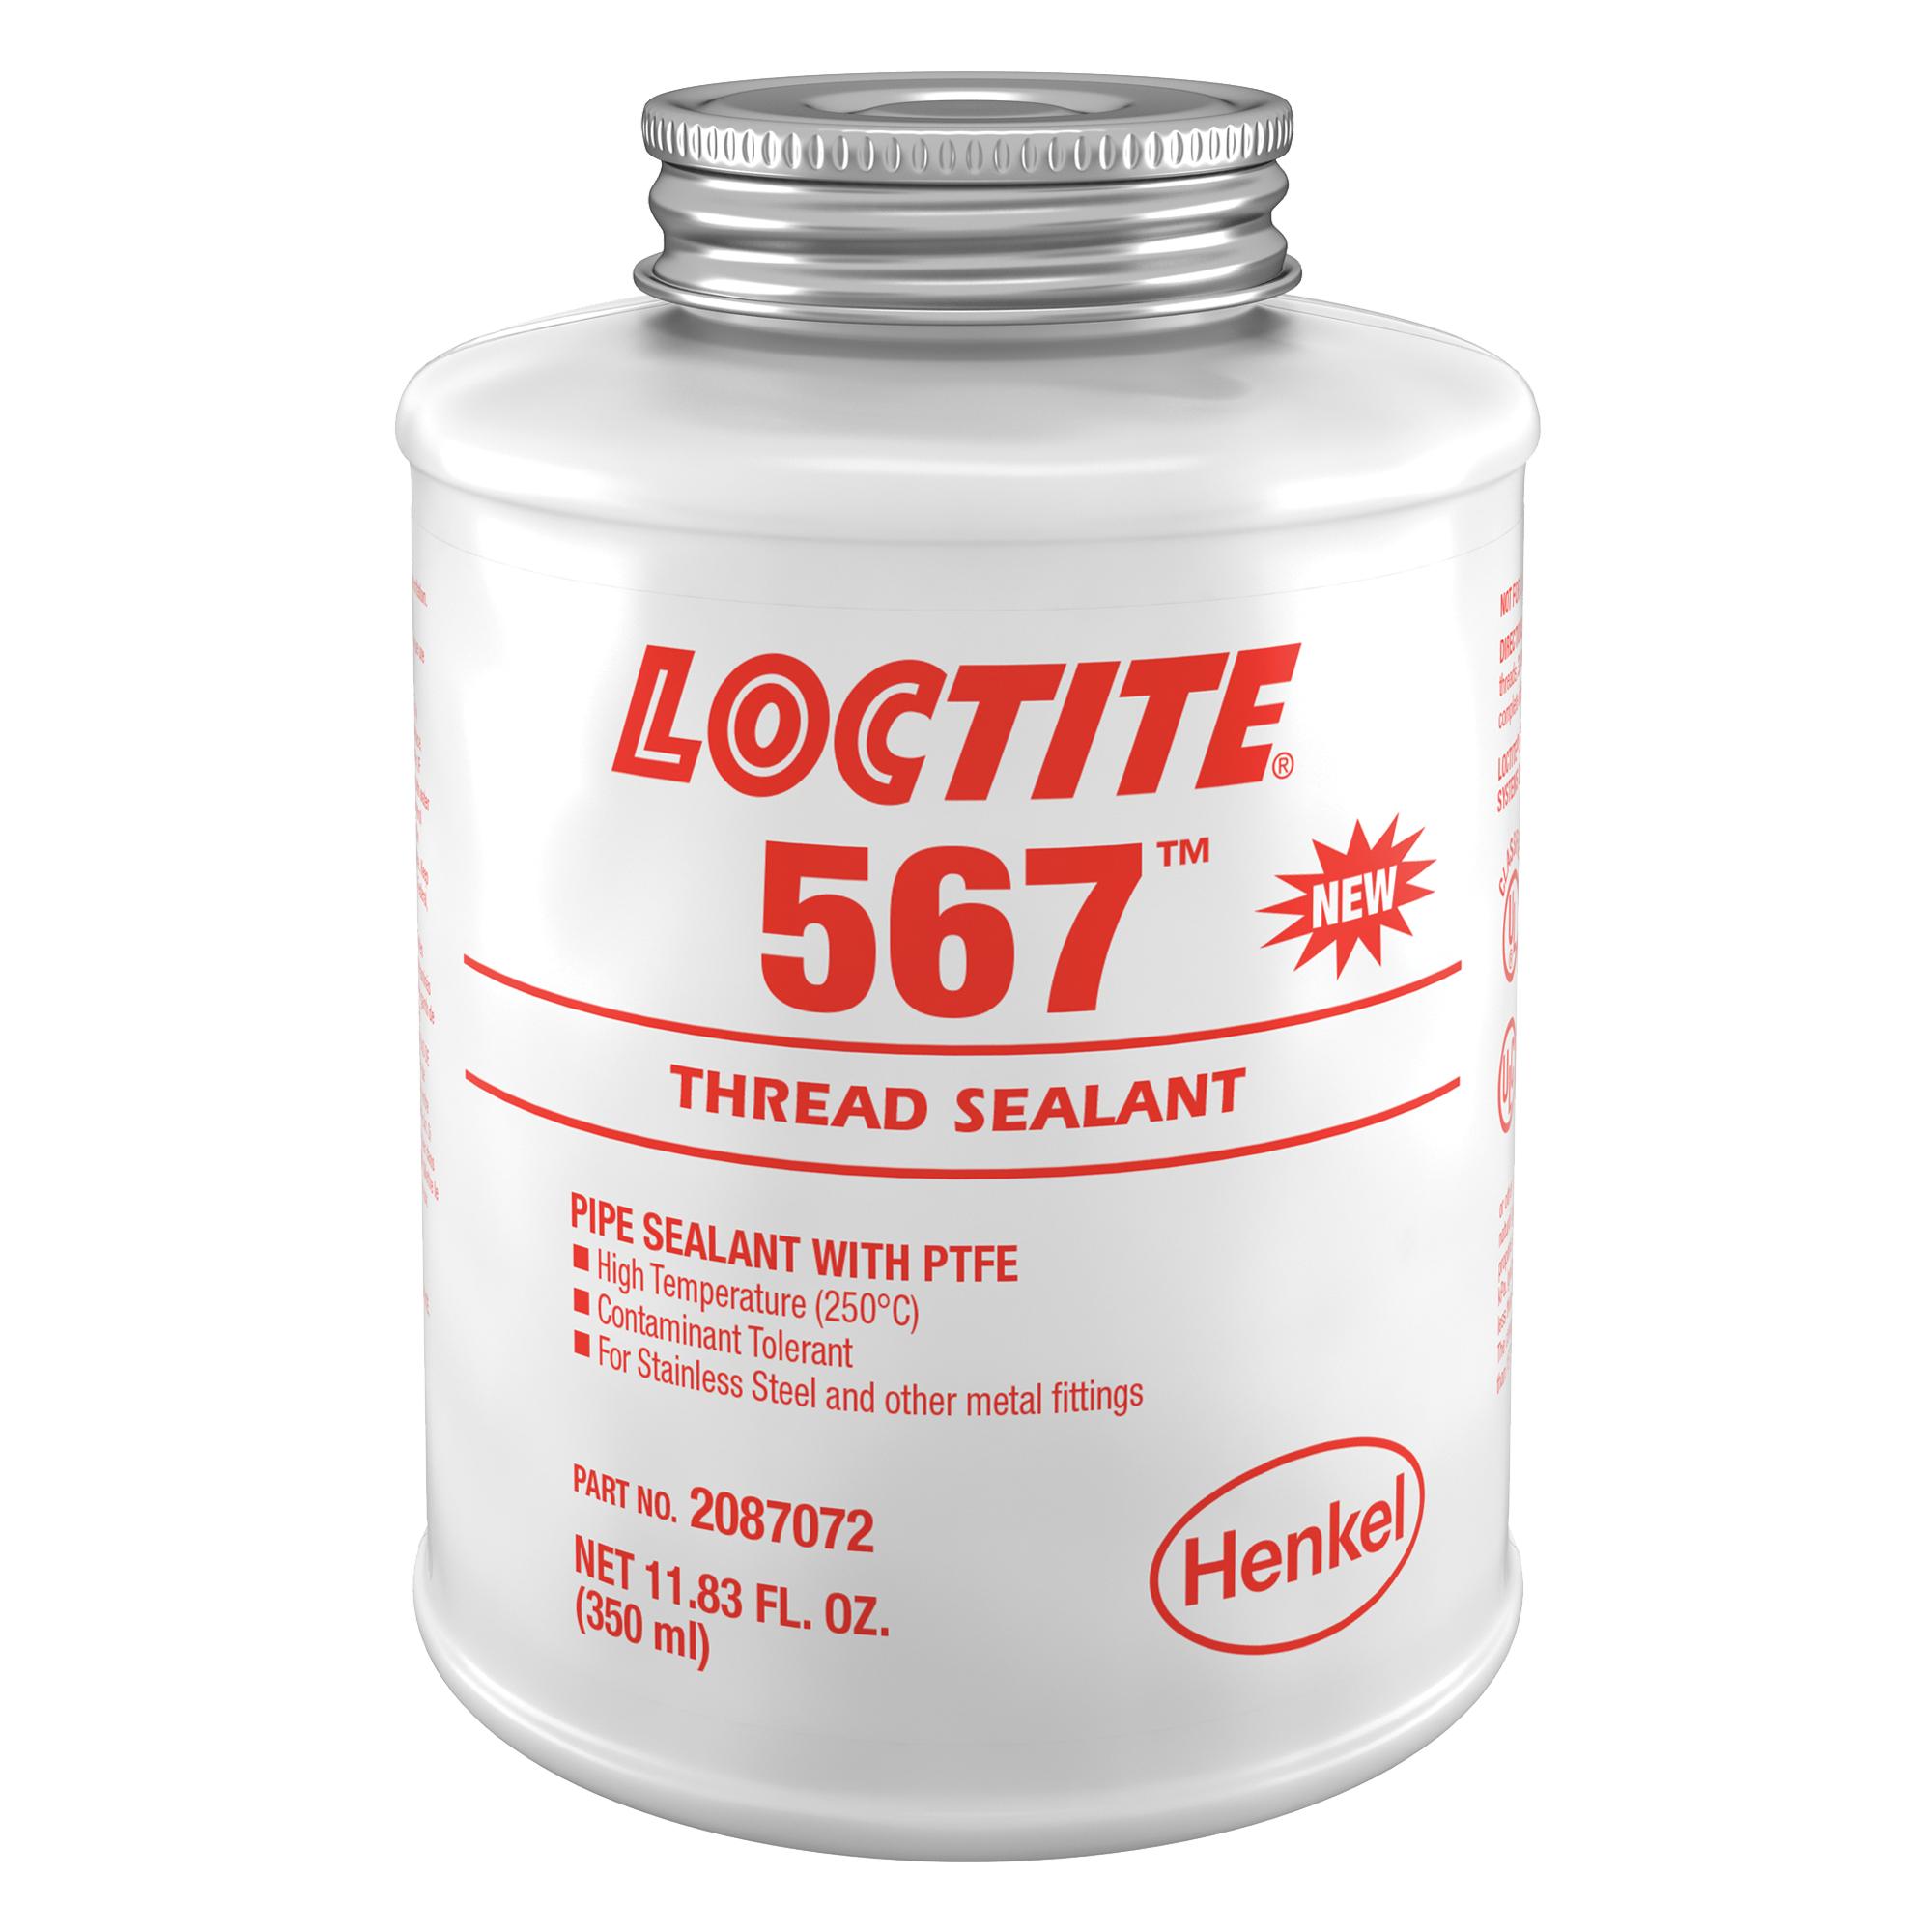 Loctite® 567 High Temperature Thread Sealant